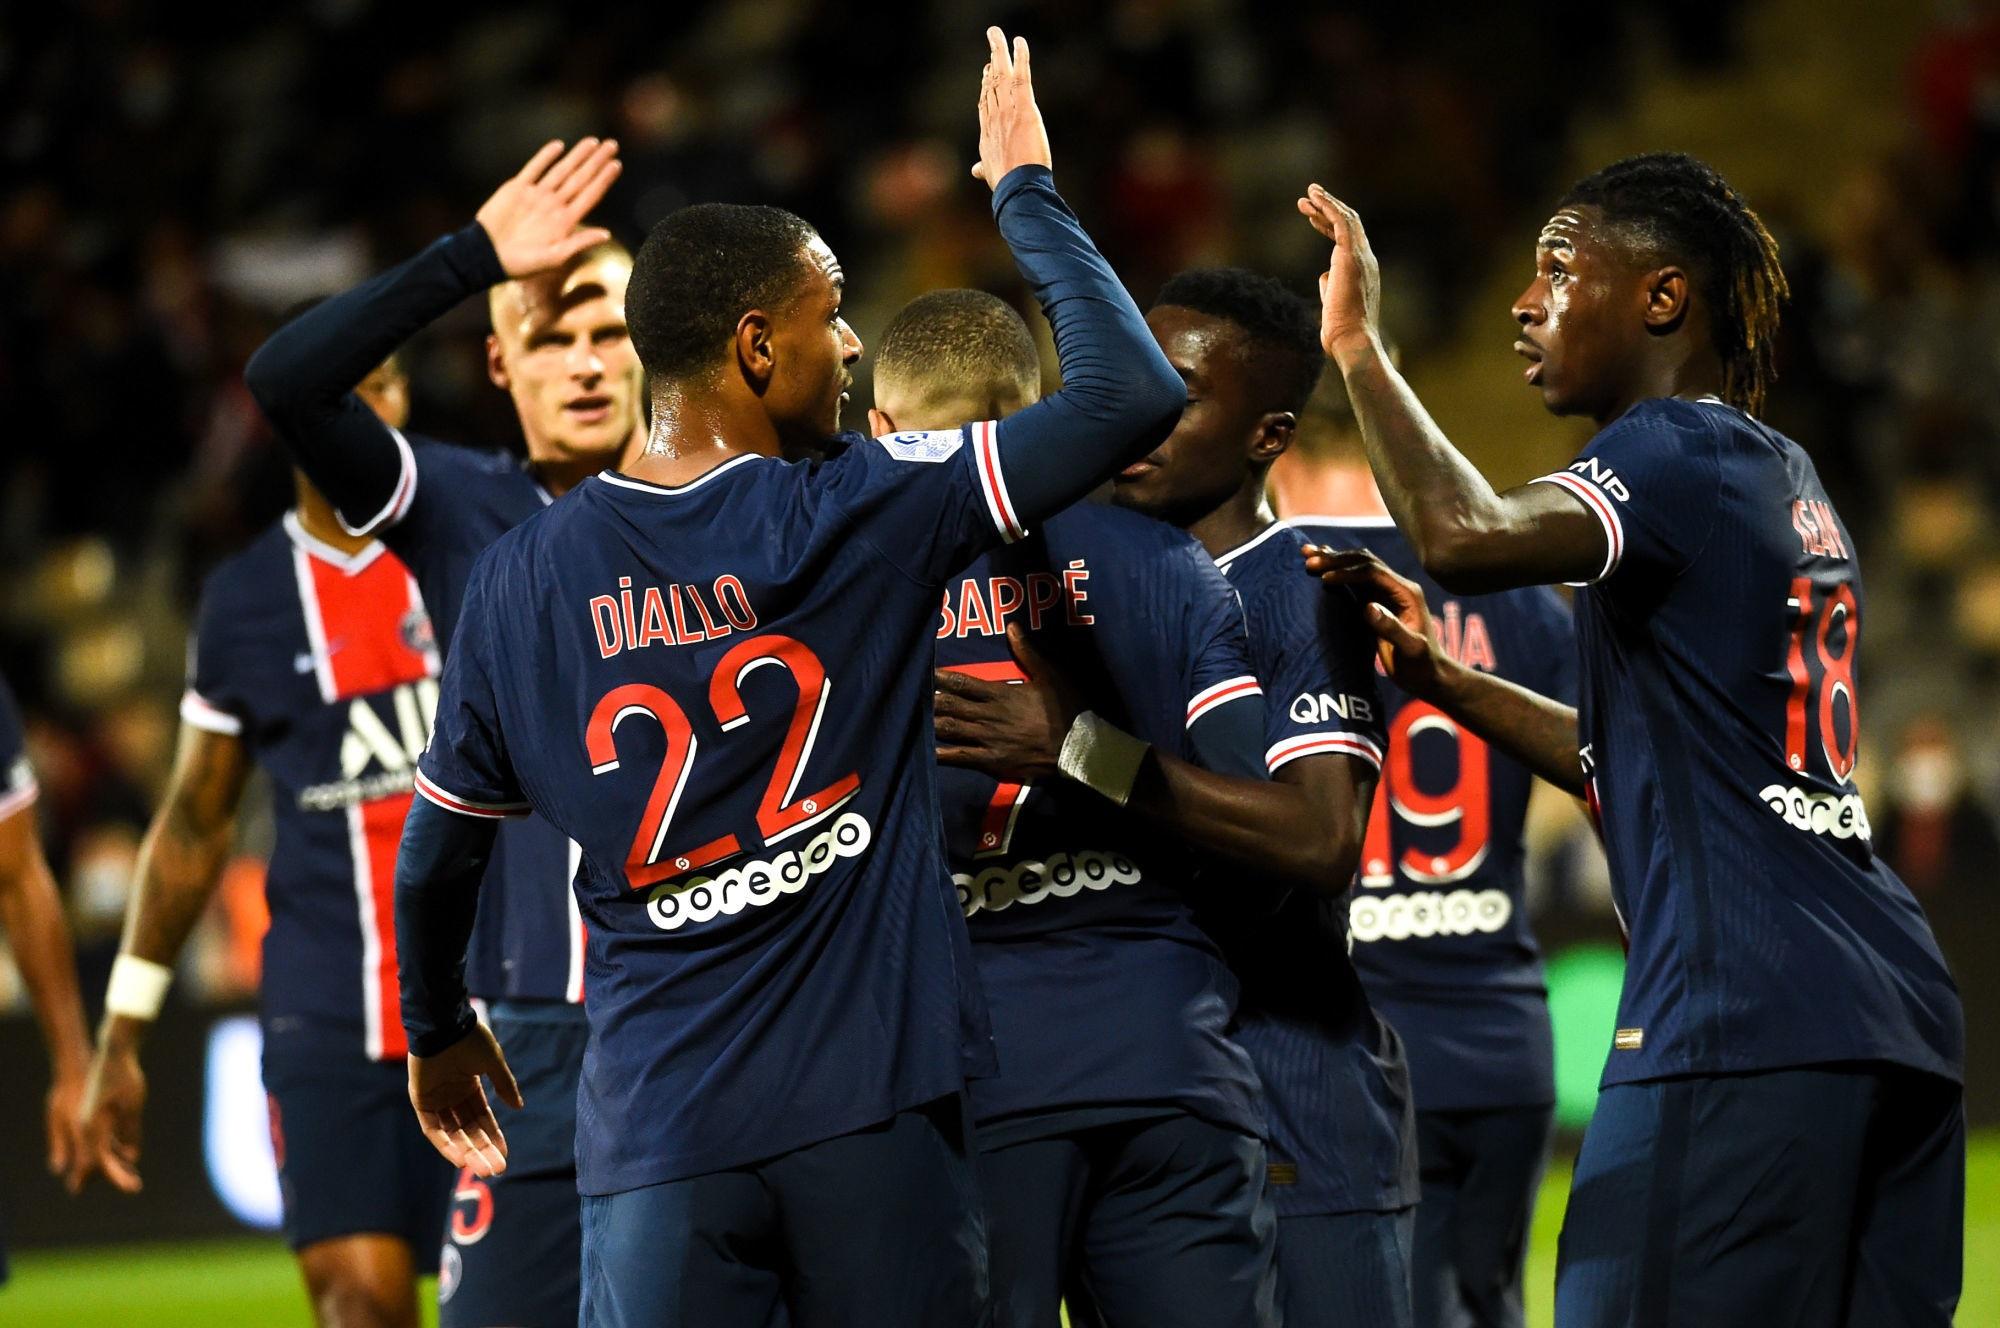 Nîmes/PSG - Les notes des Parisiens : plusieurs joueurs en forme pour une belle victoire